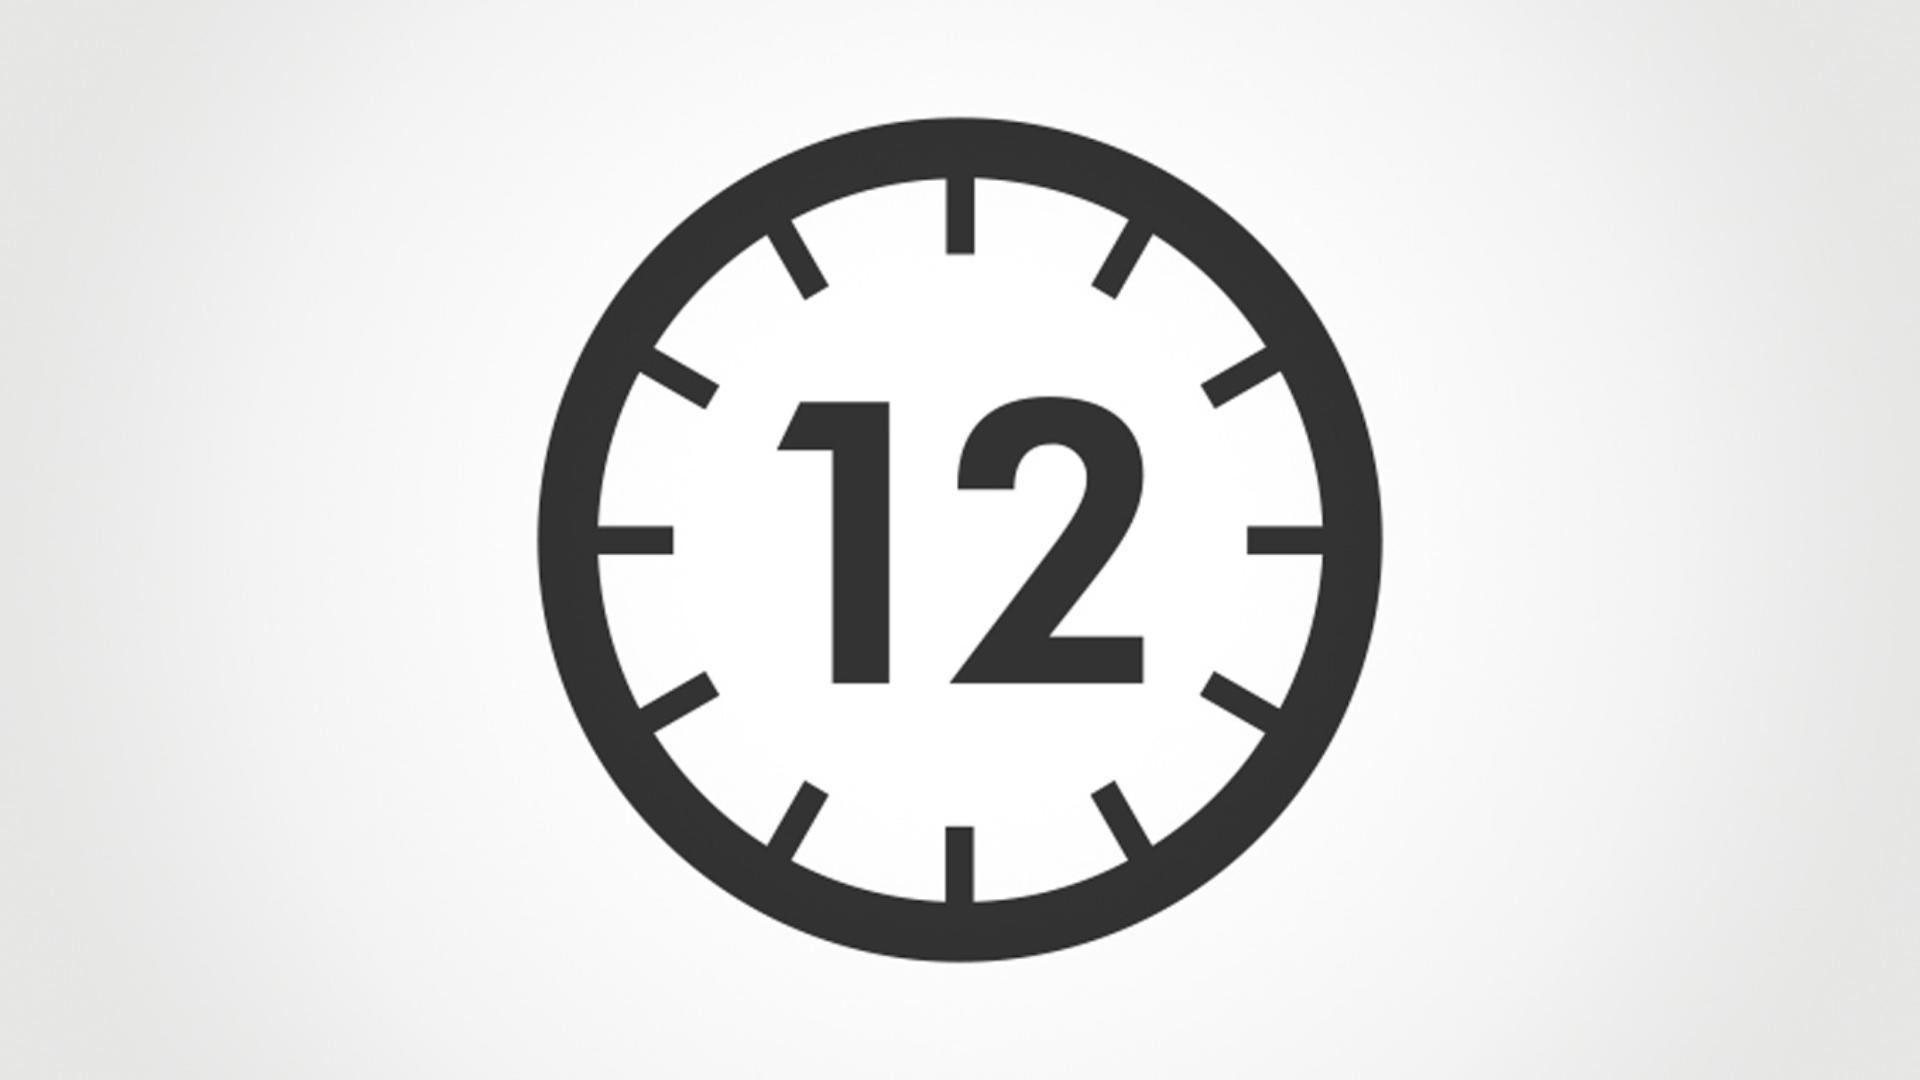 أيقونة 12 ثانية